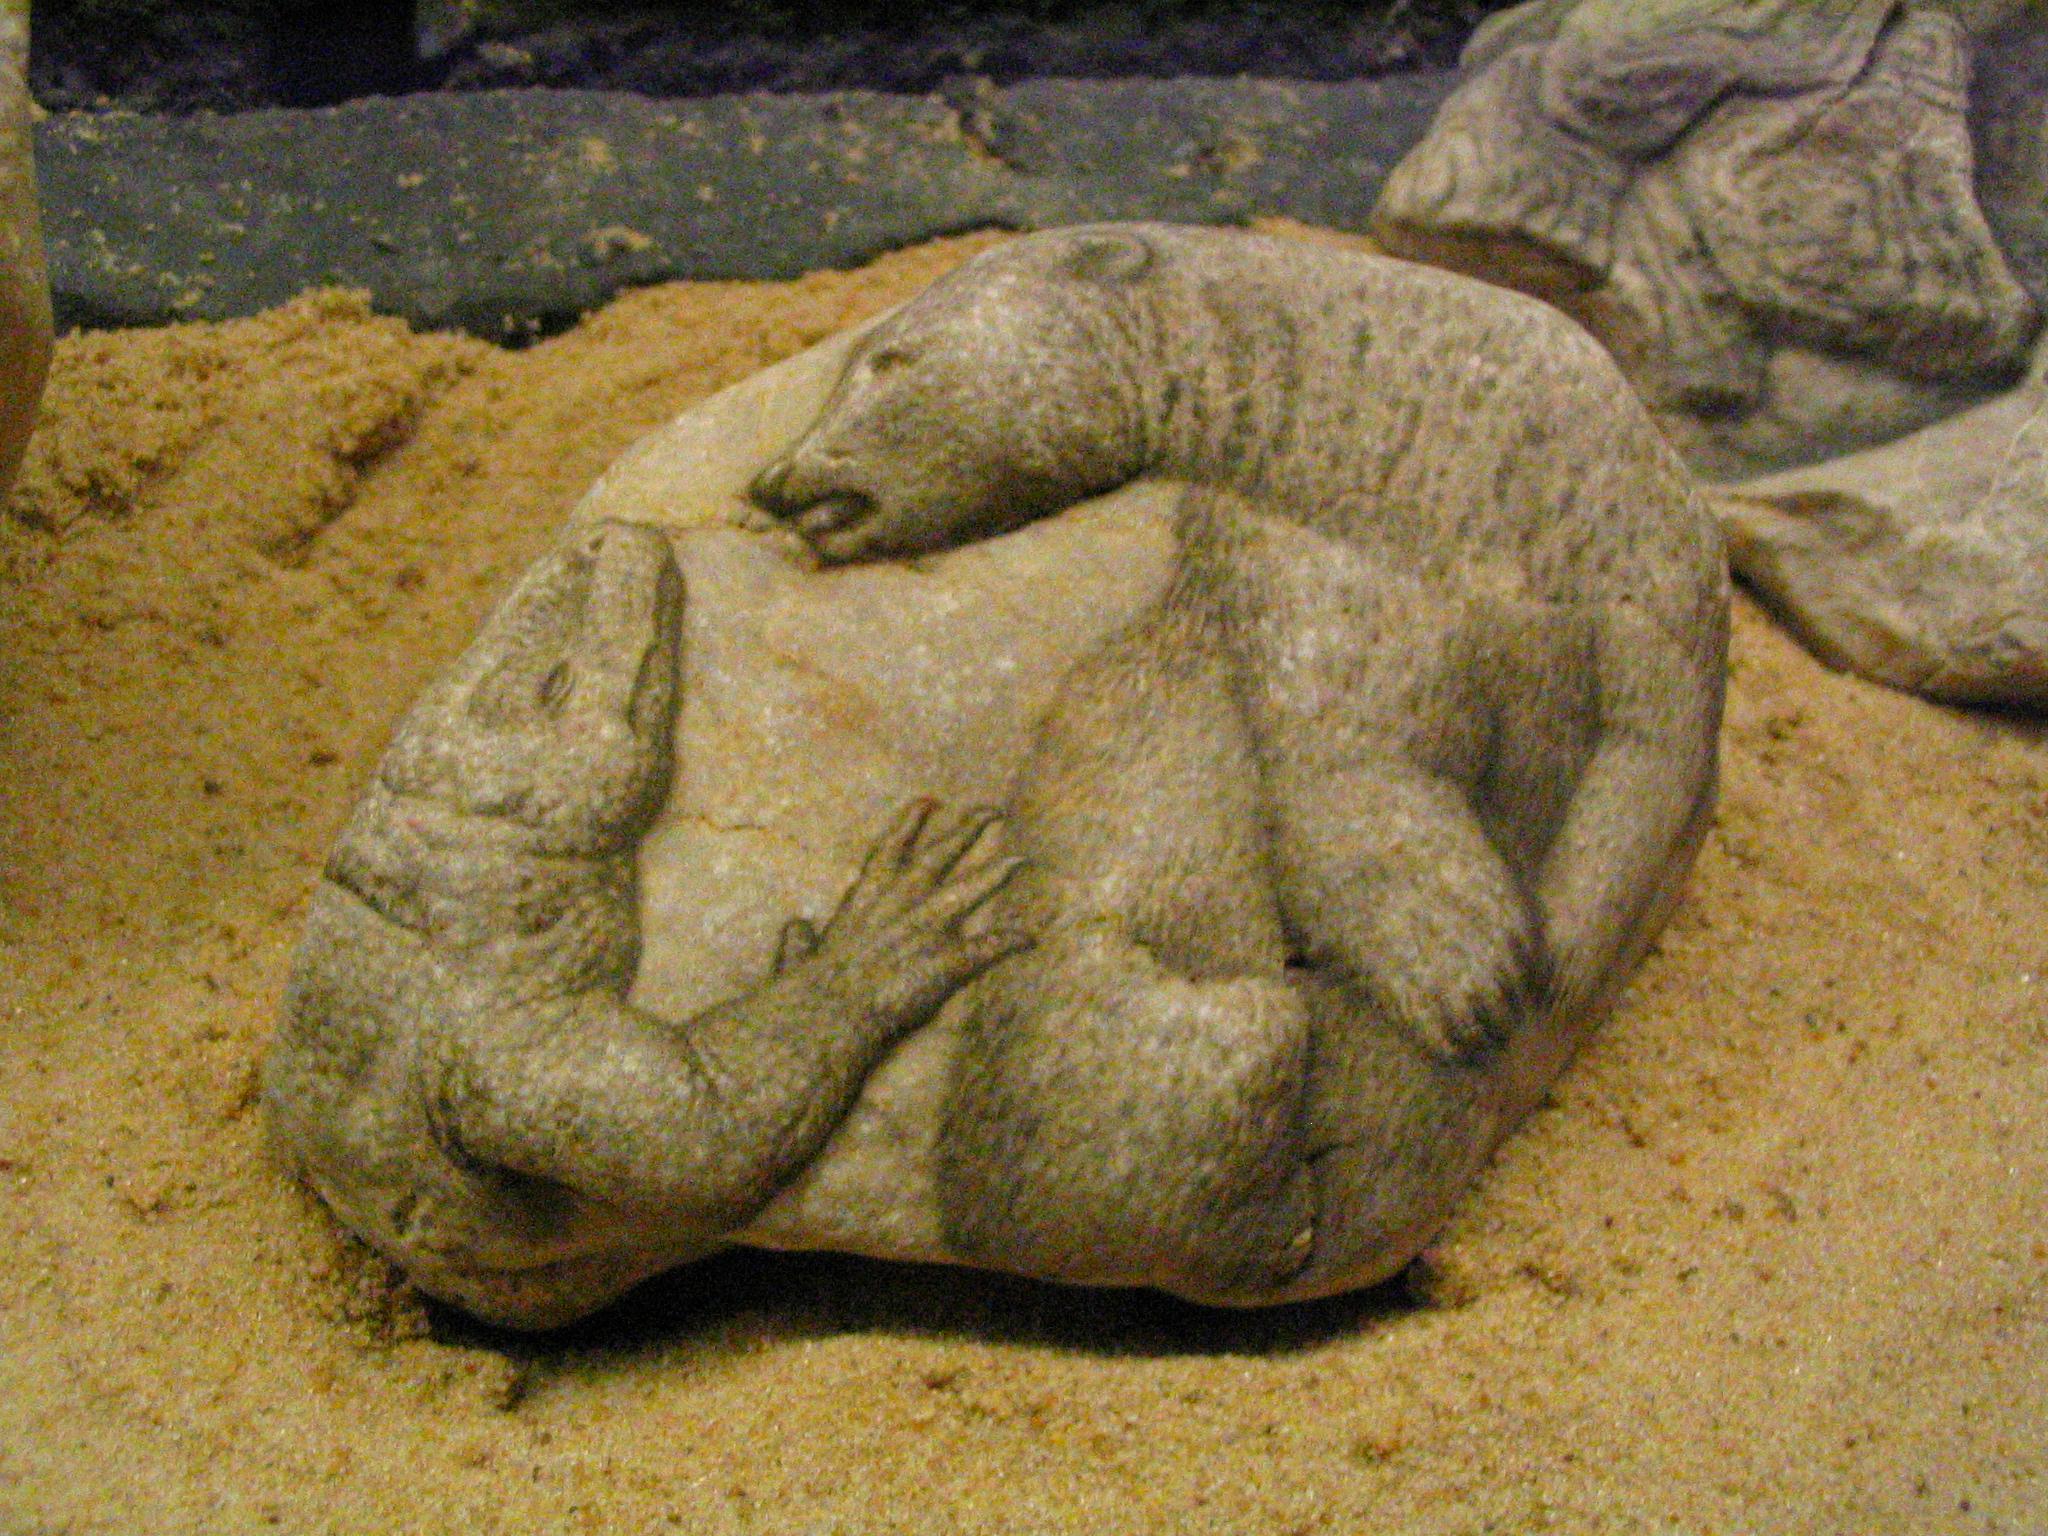 Centro cultural recoleta fuera de contexto for Pintura para piedra natural